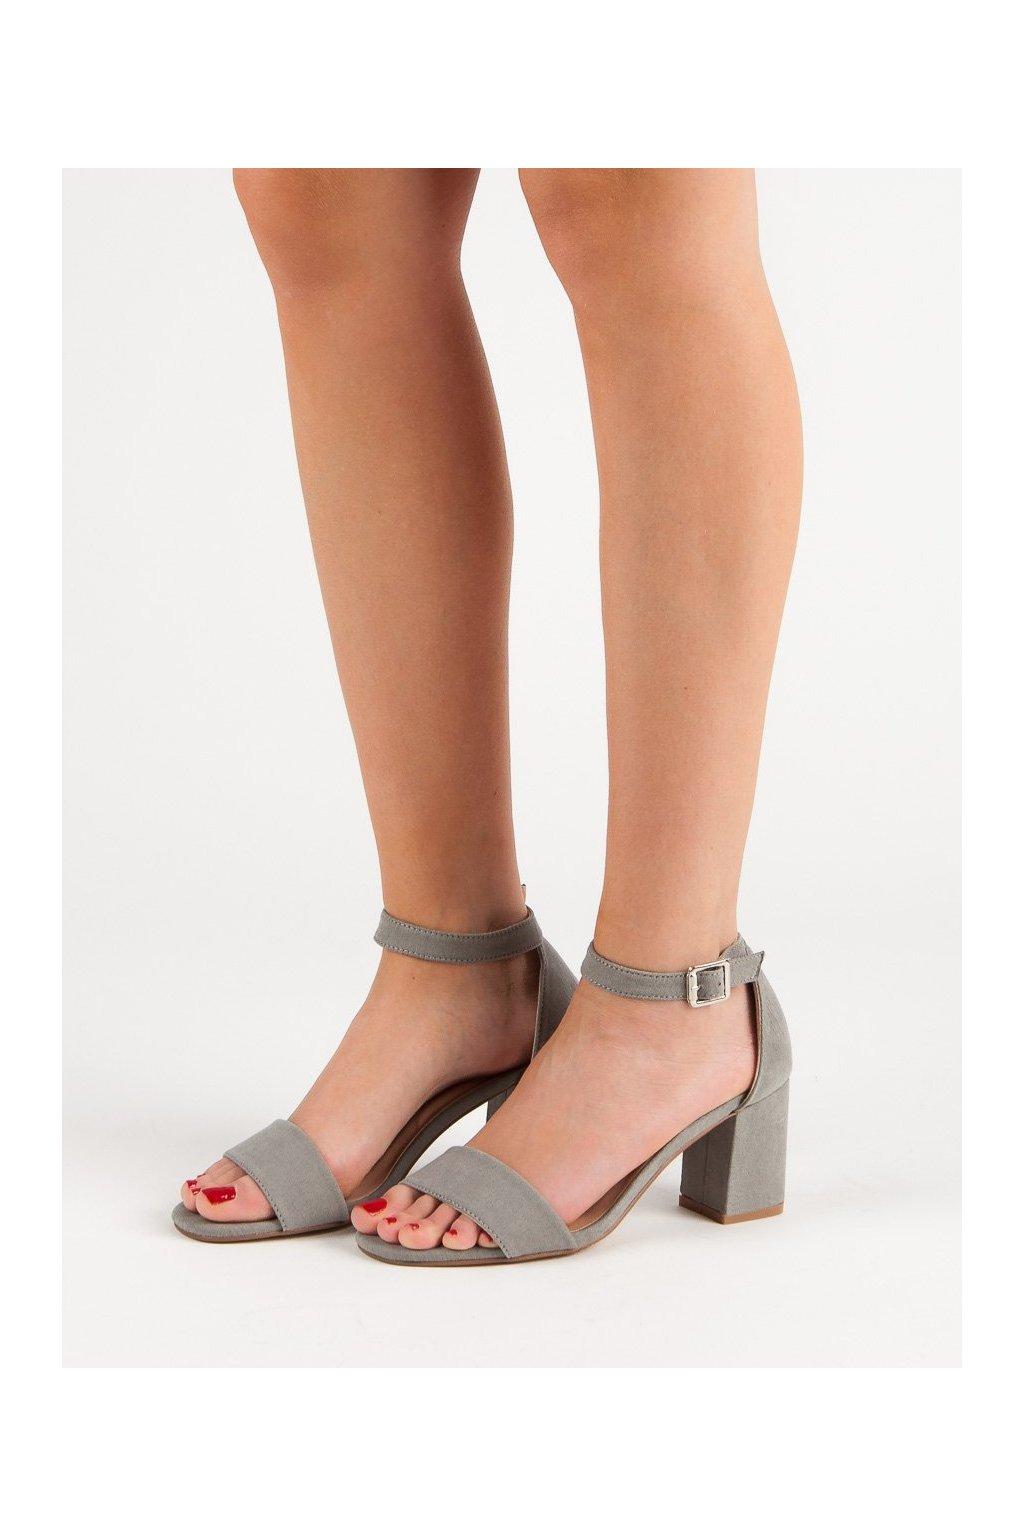 Sivé sandále na podpätku Vinceza kod YQE19-1752G